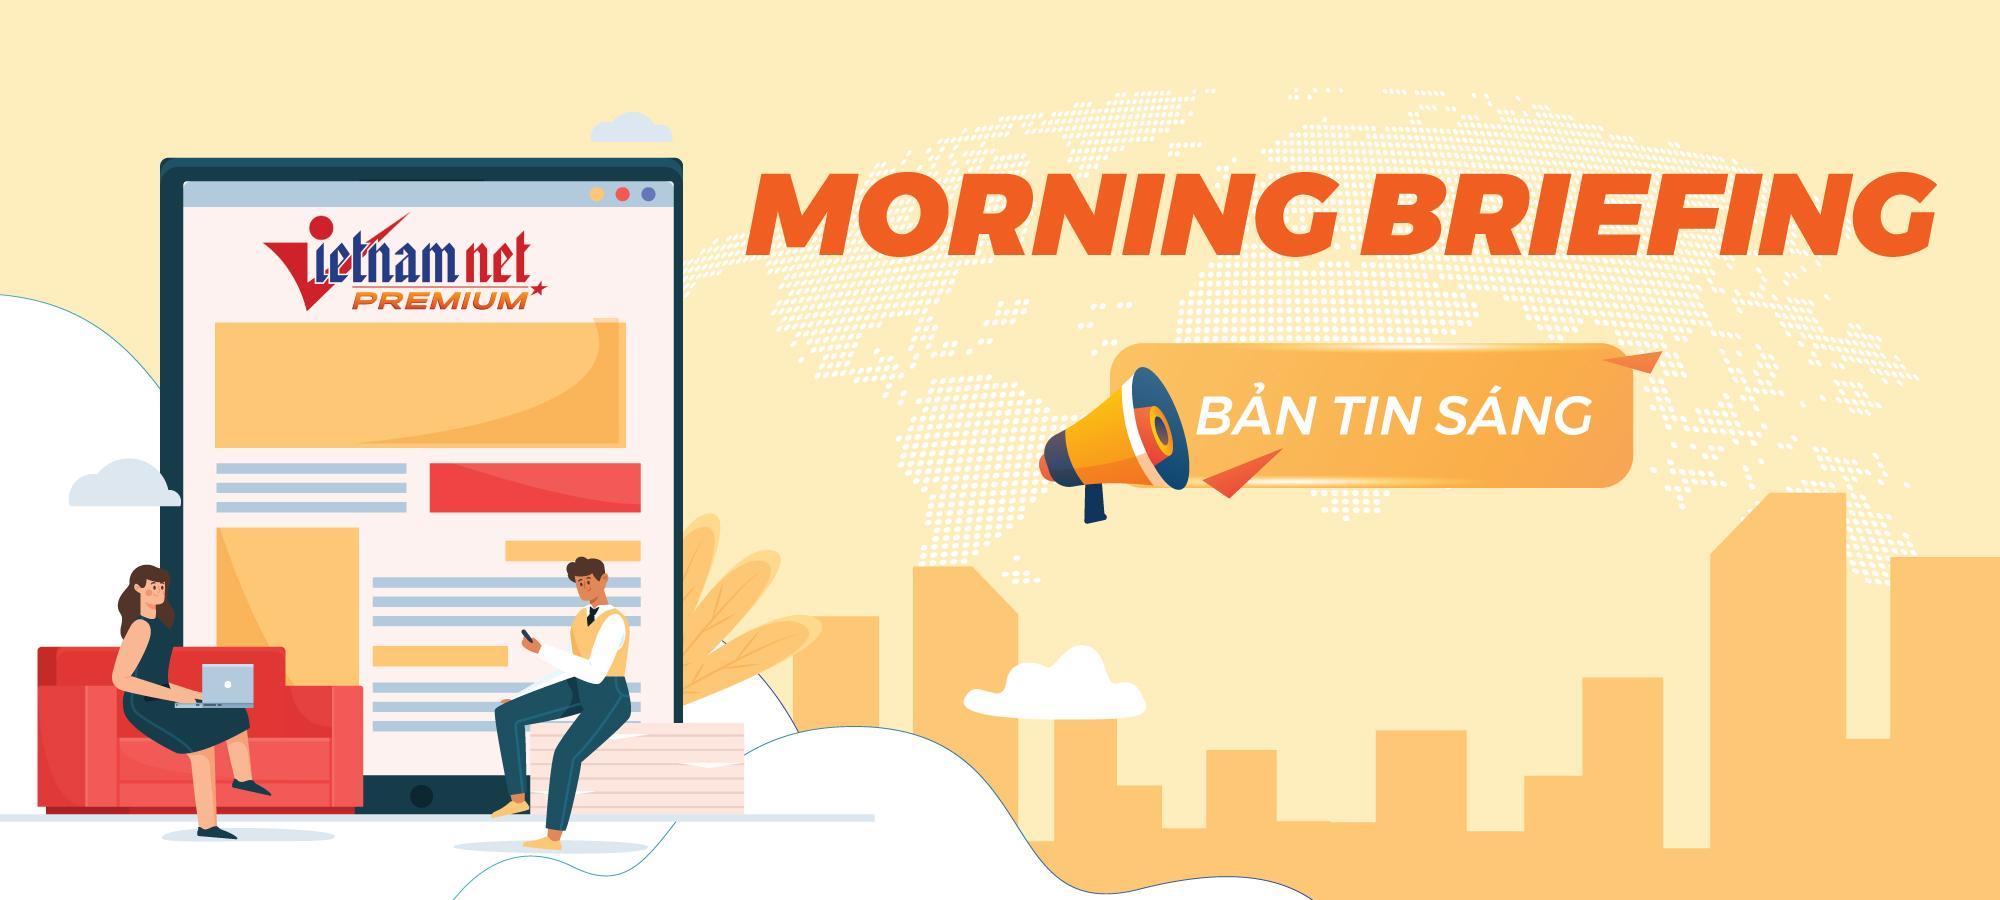 Bản tin sáng VietNamNet (25/09/2021)